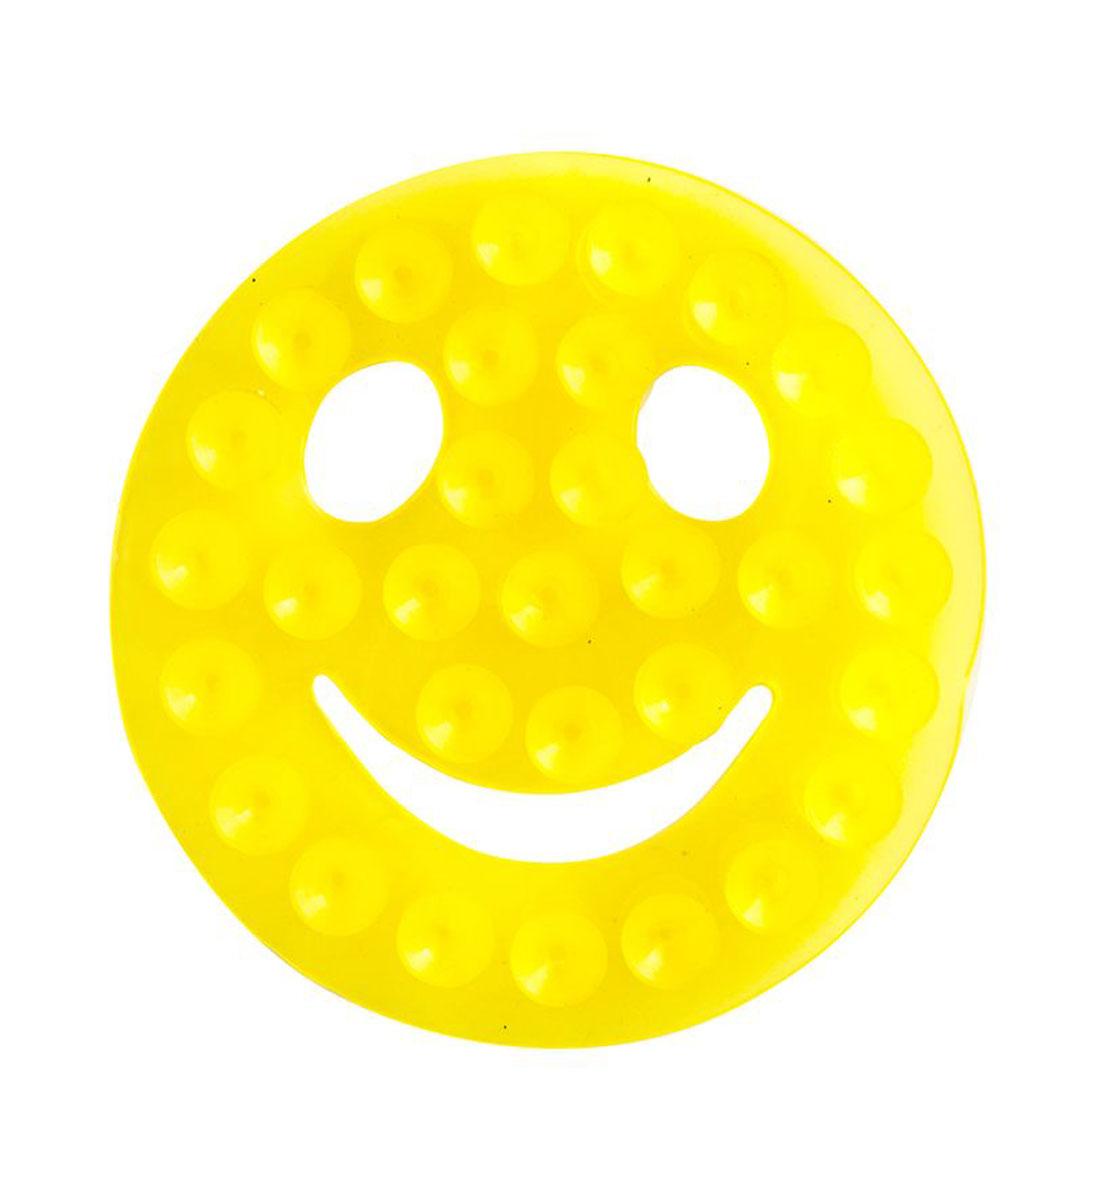 Valiant Полка-липучка для ванной Смайлик на присосках цвет желтыйKDS-SYПолка-липучка Valiant Смайлик - оригинальный и яркий аксессуар для ванной комнаты. Она имеет двусторонние присоски, легко и надежно крепится к любой гладкой поверхности. Благодаря присоскам полка-липучка удерживает различные предметы: шампуни, гели, мыло и детские игрушки. Липучка станет ярким цветовым пятном на поверхности ванны, кафельной стены или в душевой кабине.